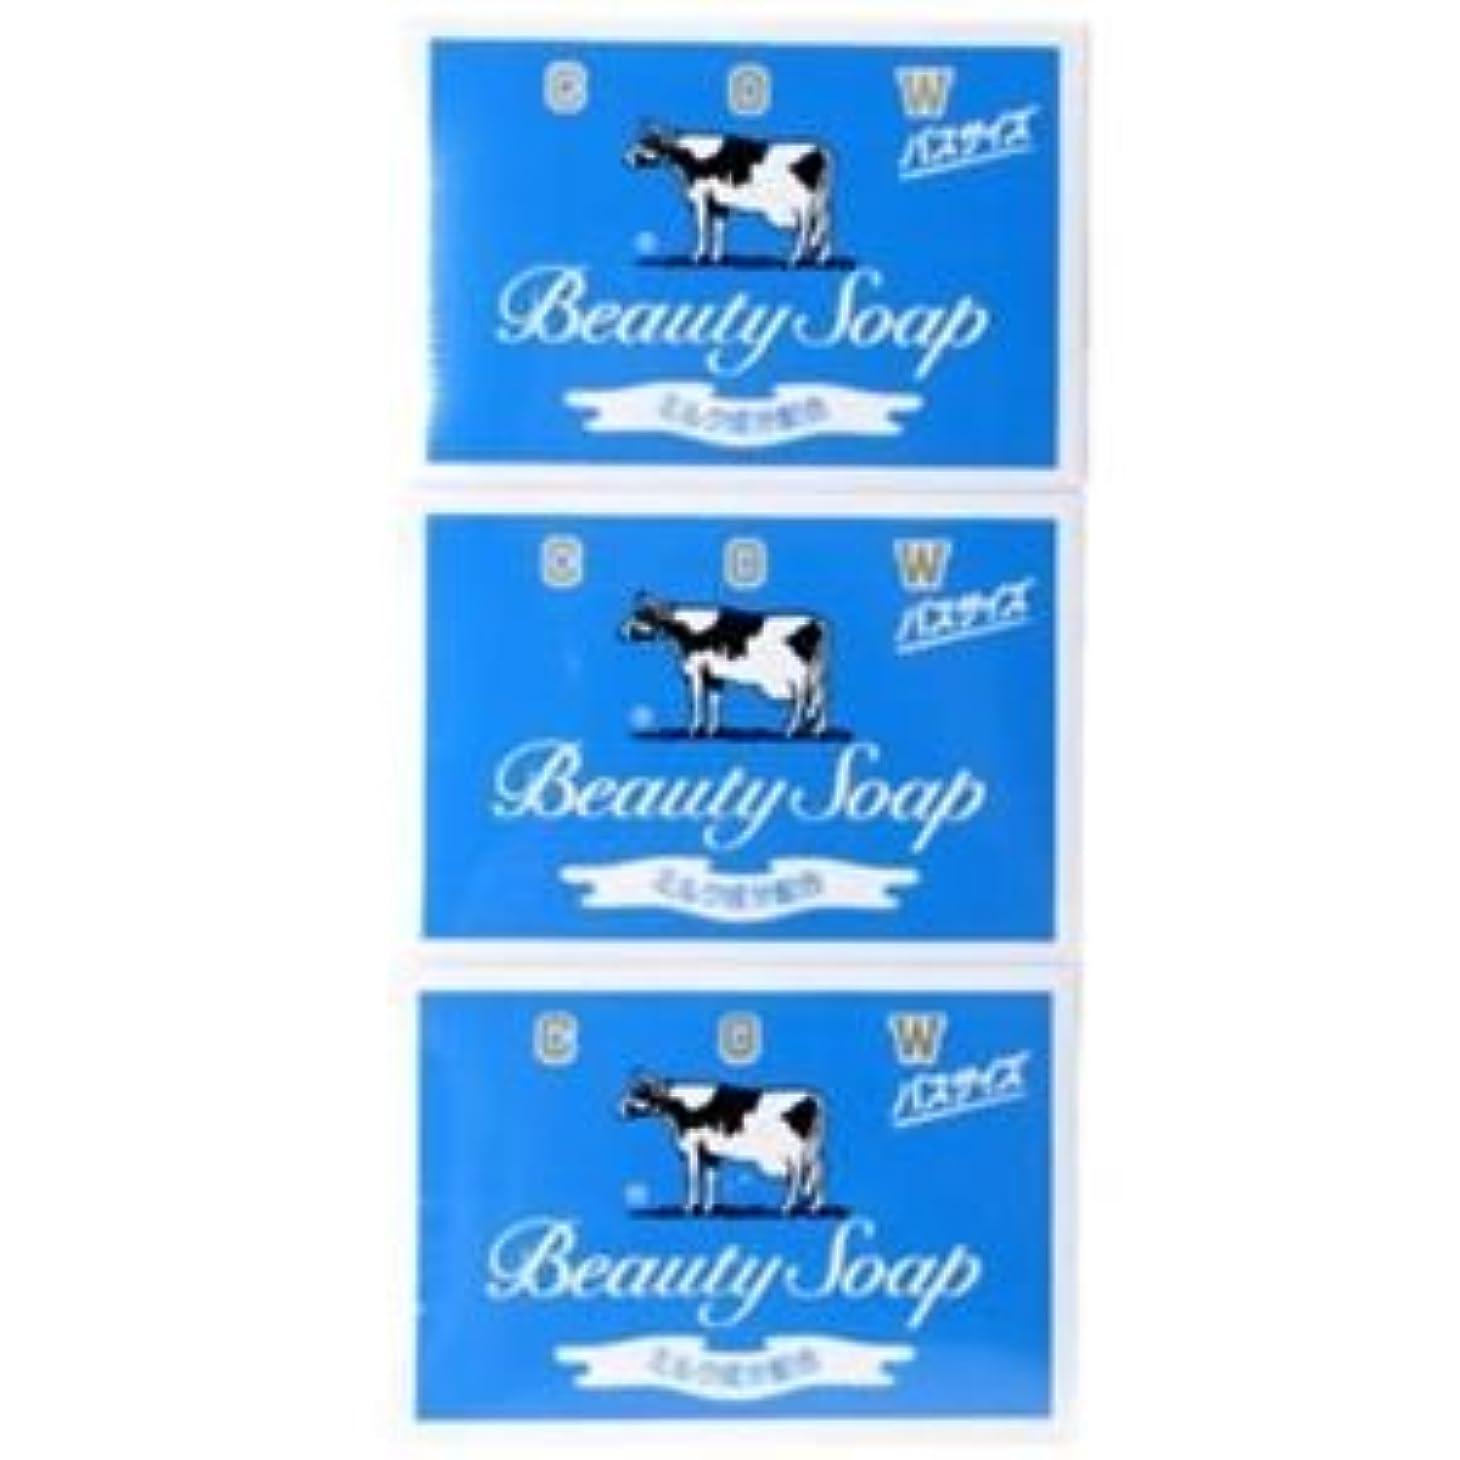 ほとんどない慣らす宿命カウブランド 牛乳石鹸 青箱 バスサイズ 135g×3個入 10セット